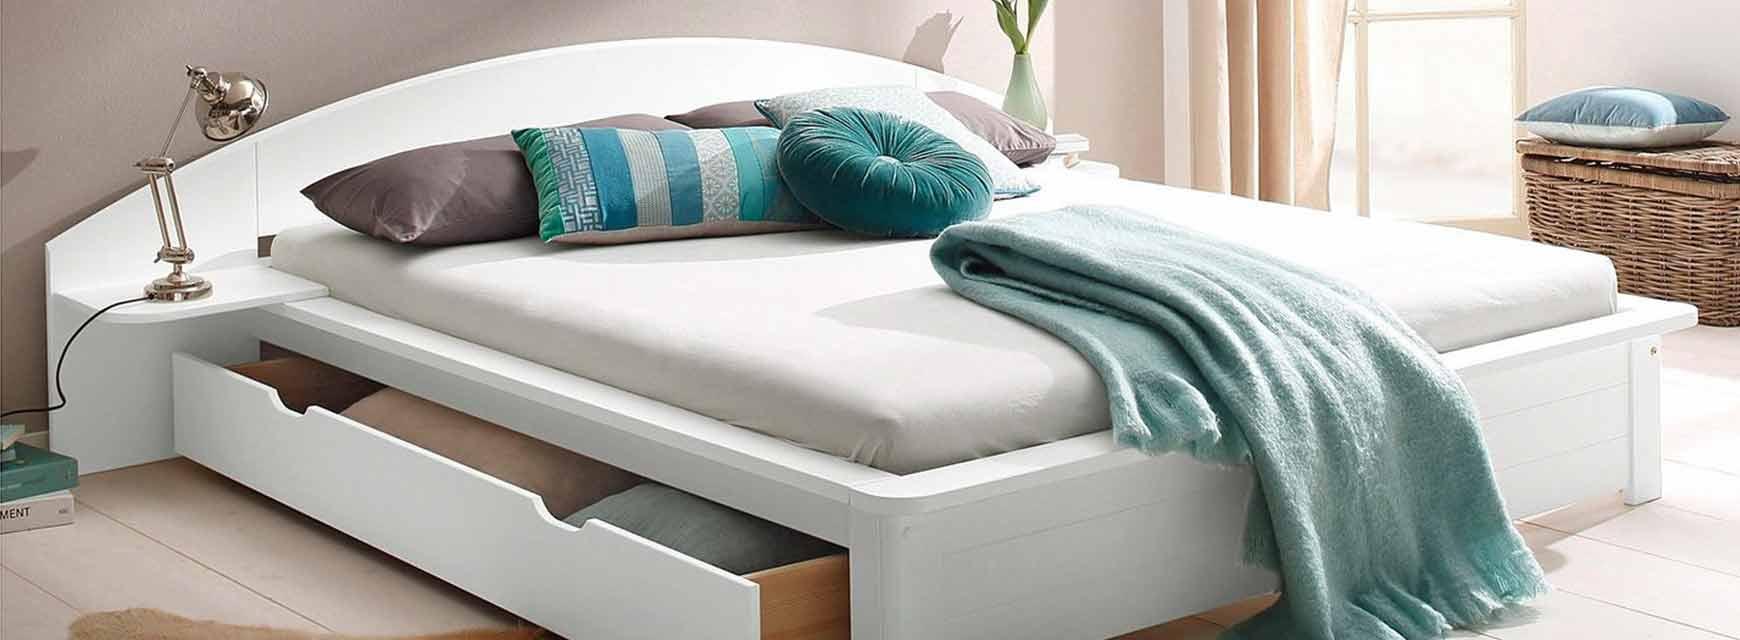 Full Size of Bett Landhausstil Landhaus Online Kaufen Naturloftde 140x200 Ohne Füße Amerikanisches Japanische Betten Weiß 90x200 Himmel Mit Unterbett Moderne Bett Landhaus Bett